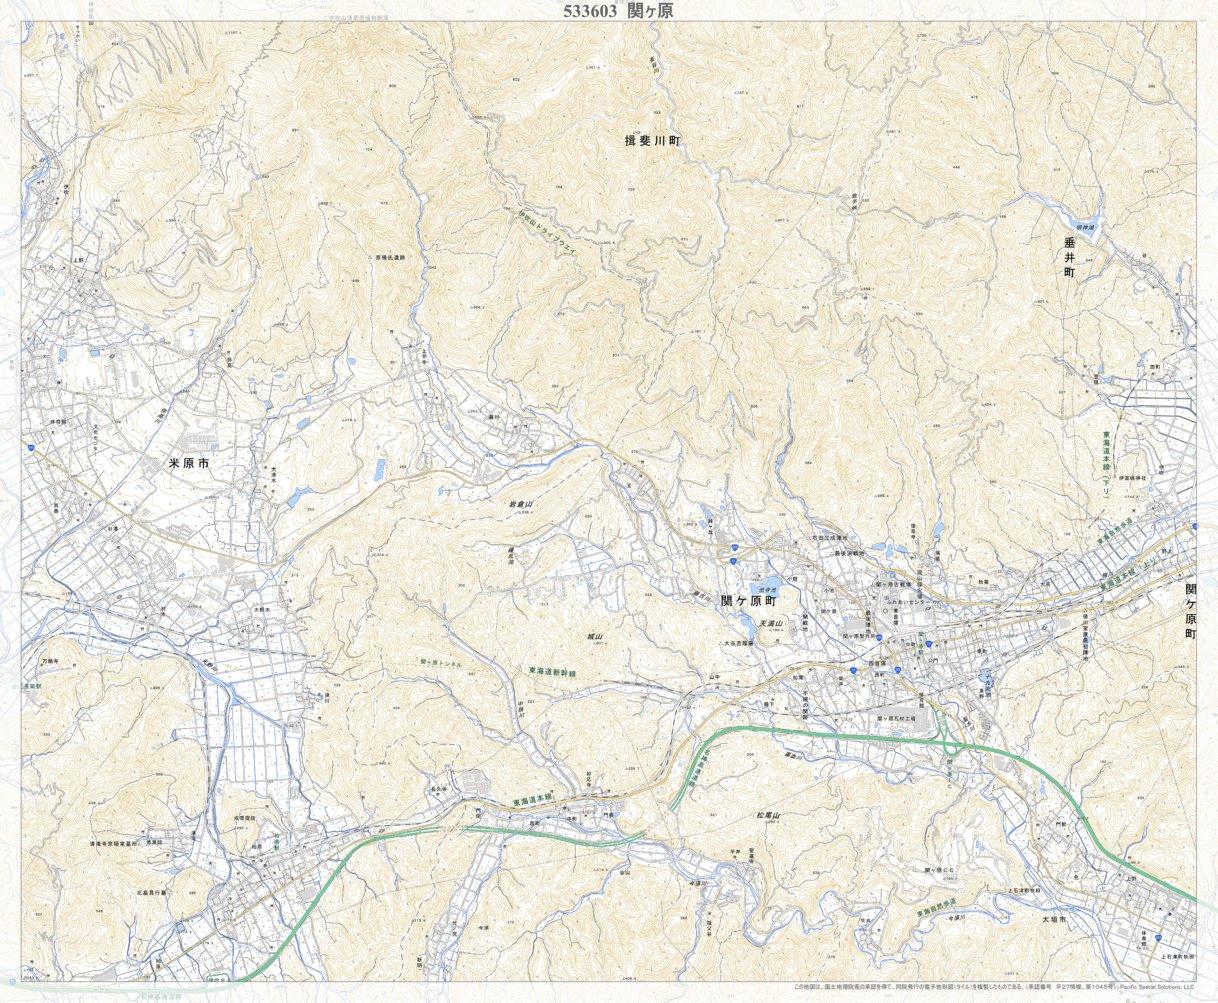 国土 地理 院 地形 図